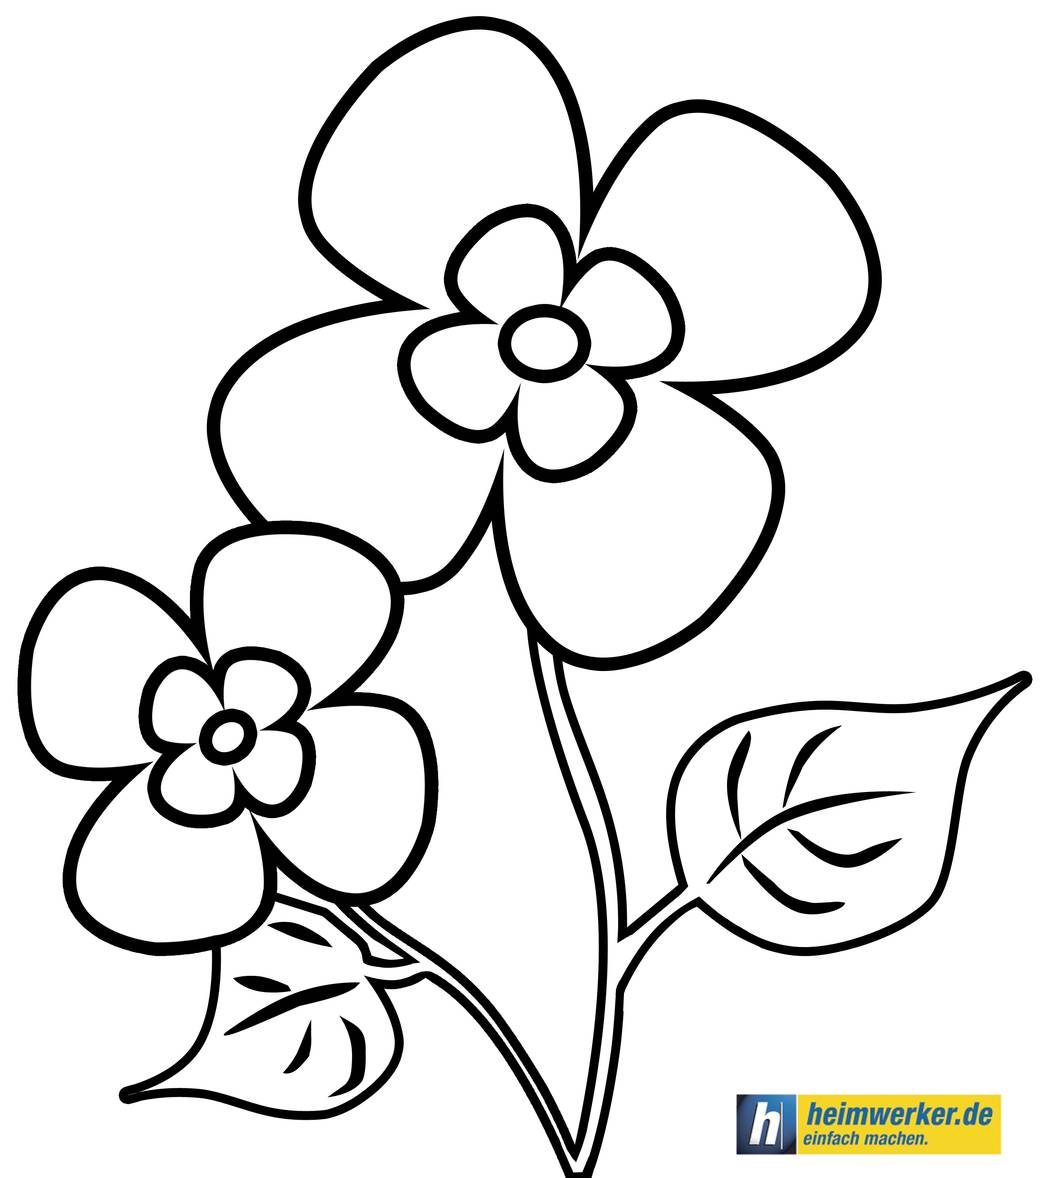 Malvorlagen: Die Schönsten Kostenlosen Ausmalbilder in Blumen Zum Malen Vorlagen